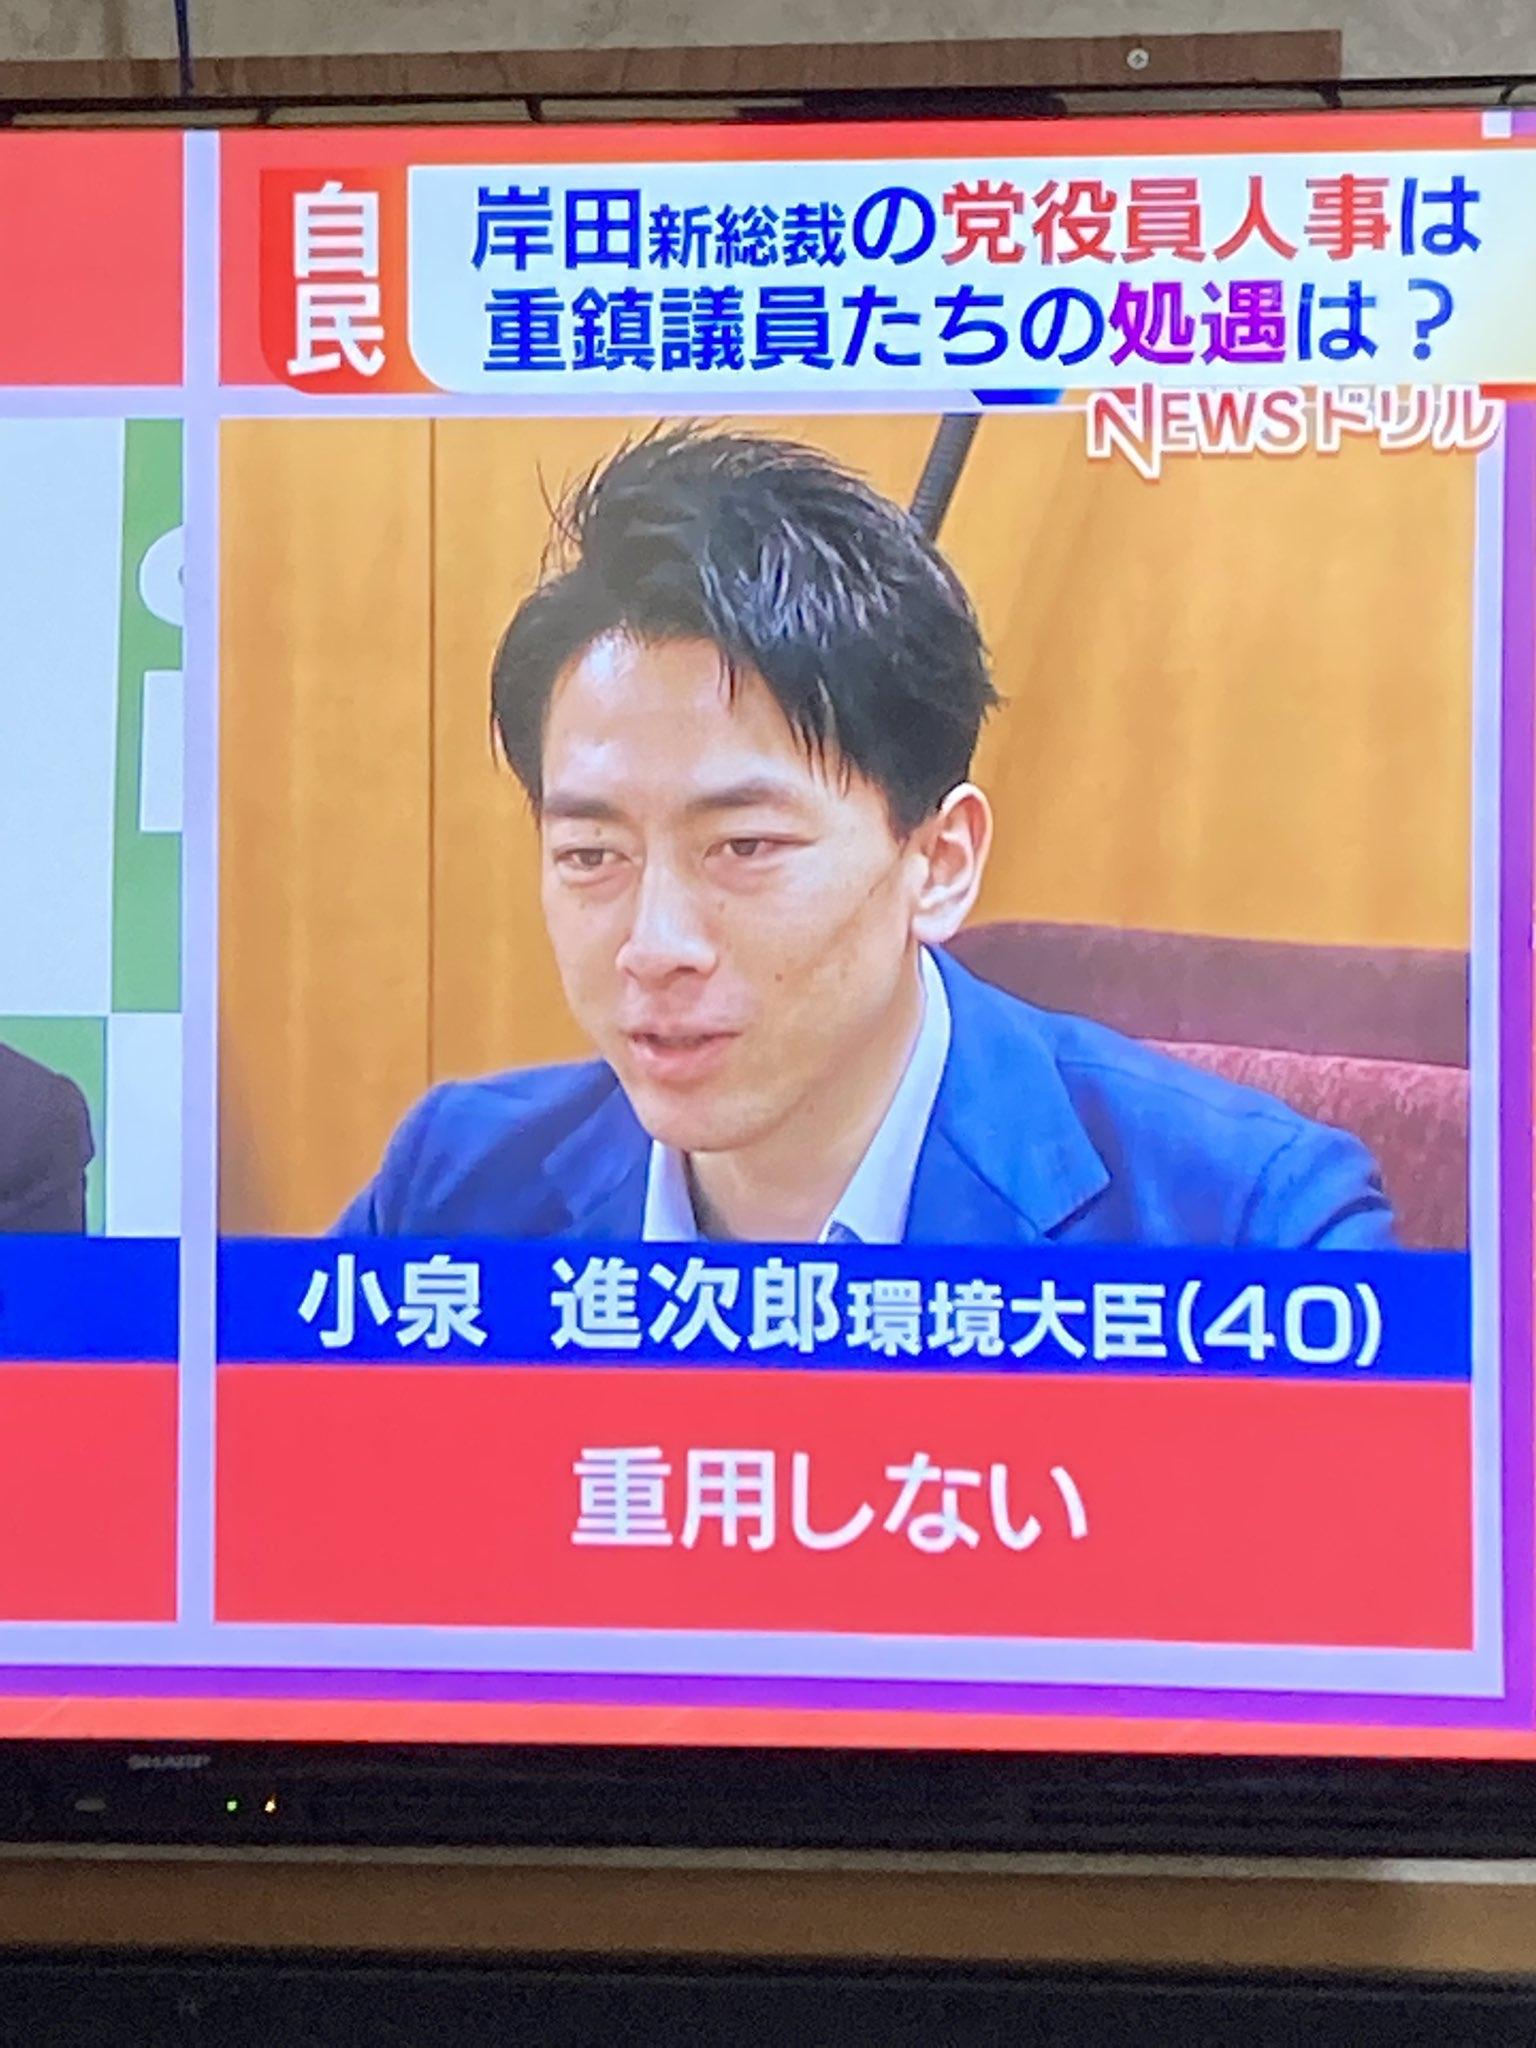 【速報】河野太郎、『自民党広報本部長』に起用へ  ★4